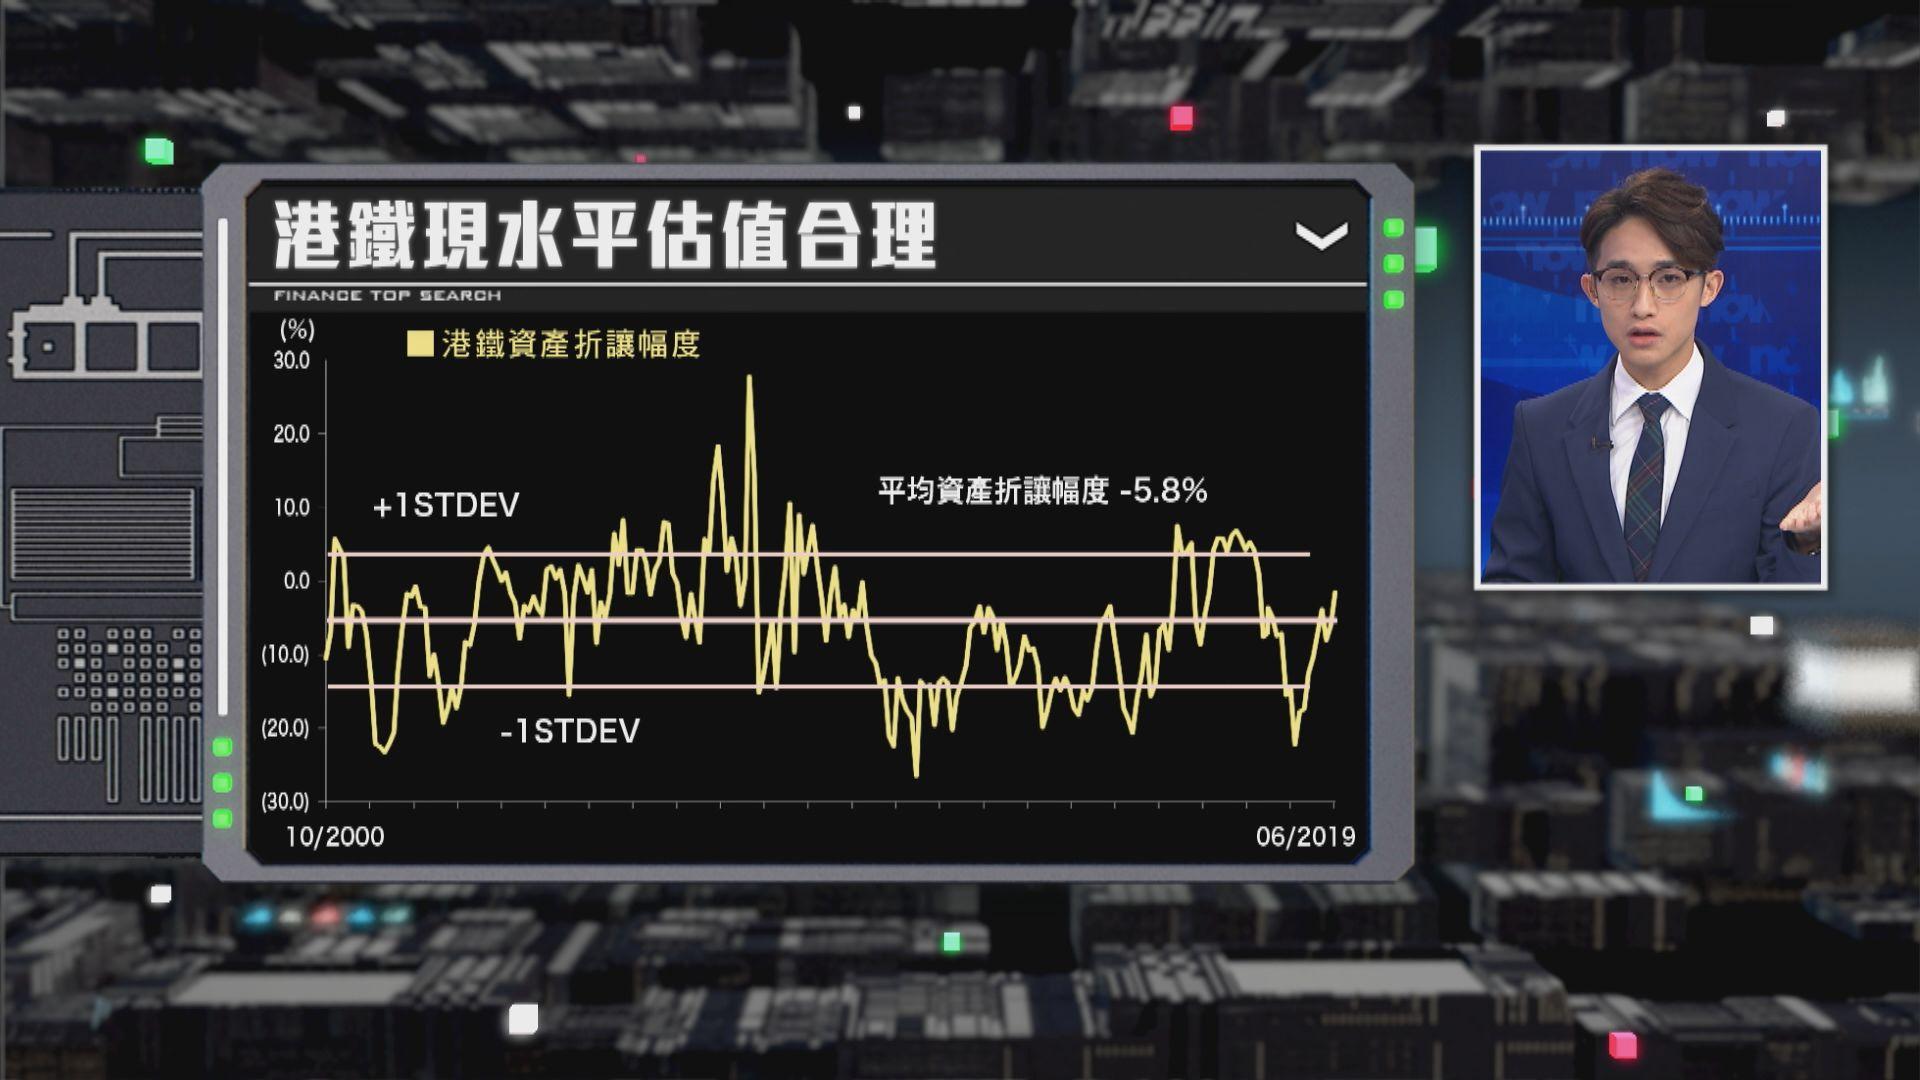 【財經TOP SEARCH】長期叫沽港鐵!高盛乜事「轉死性」?